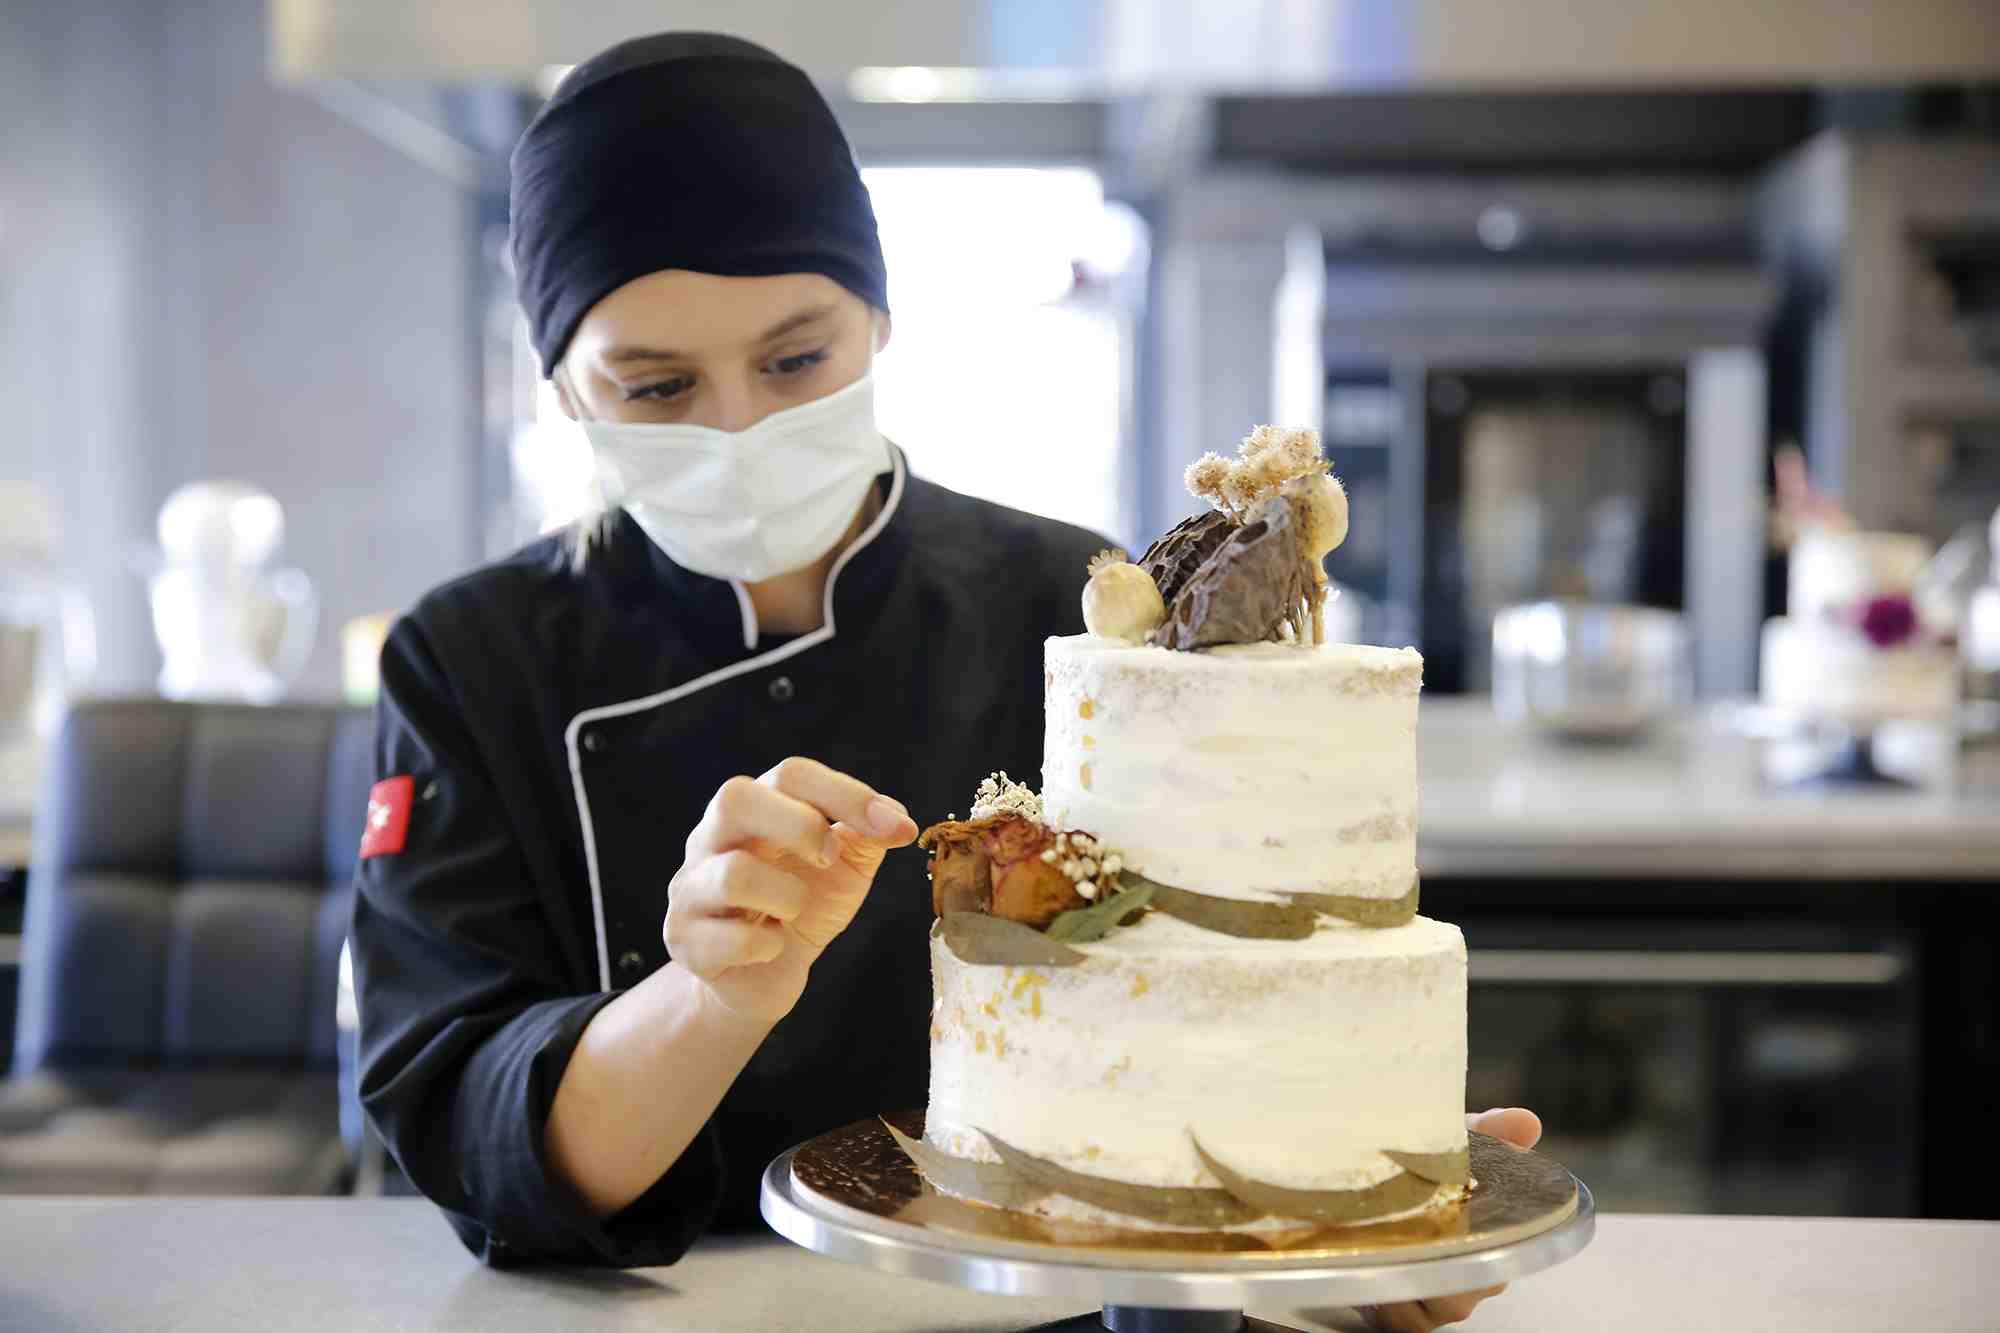 Profesyonel Pastacılık Eğitimleri/Özel Gün Pastaları